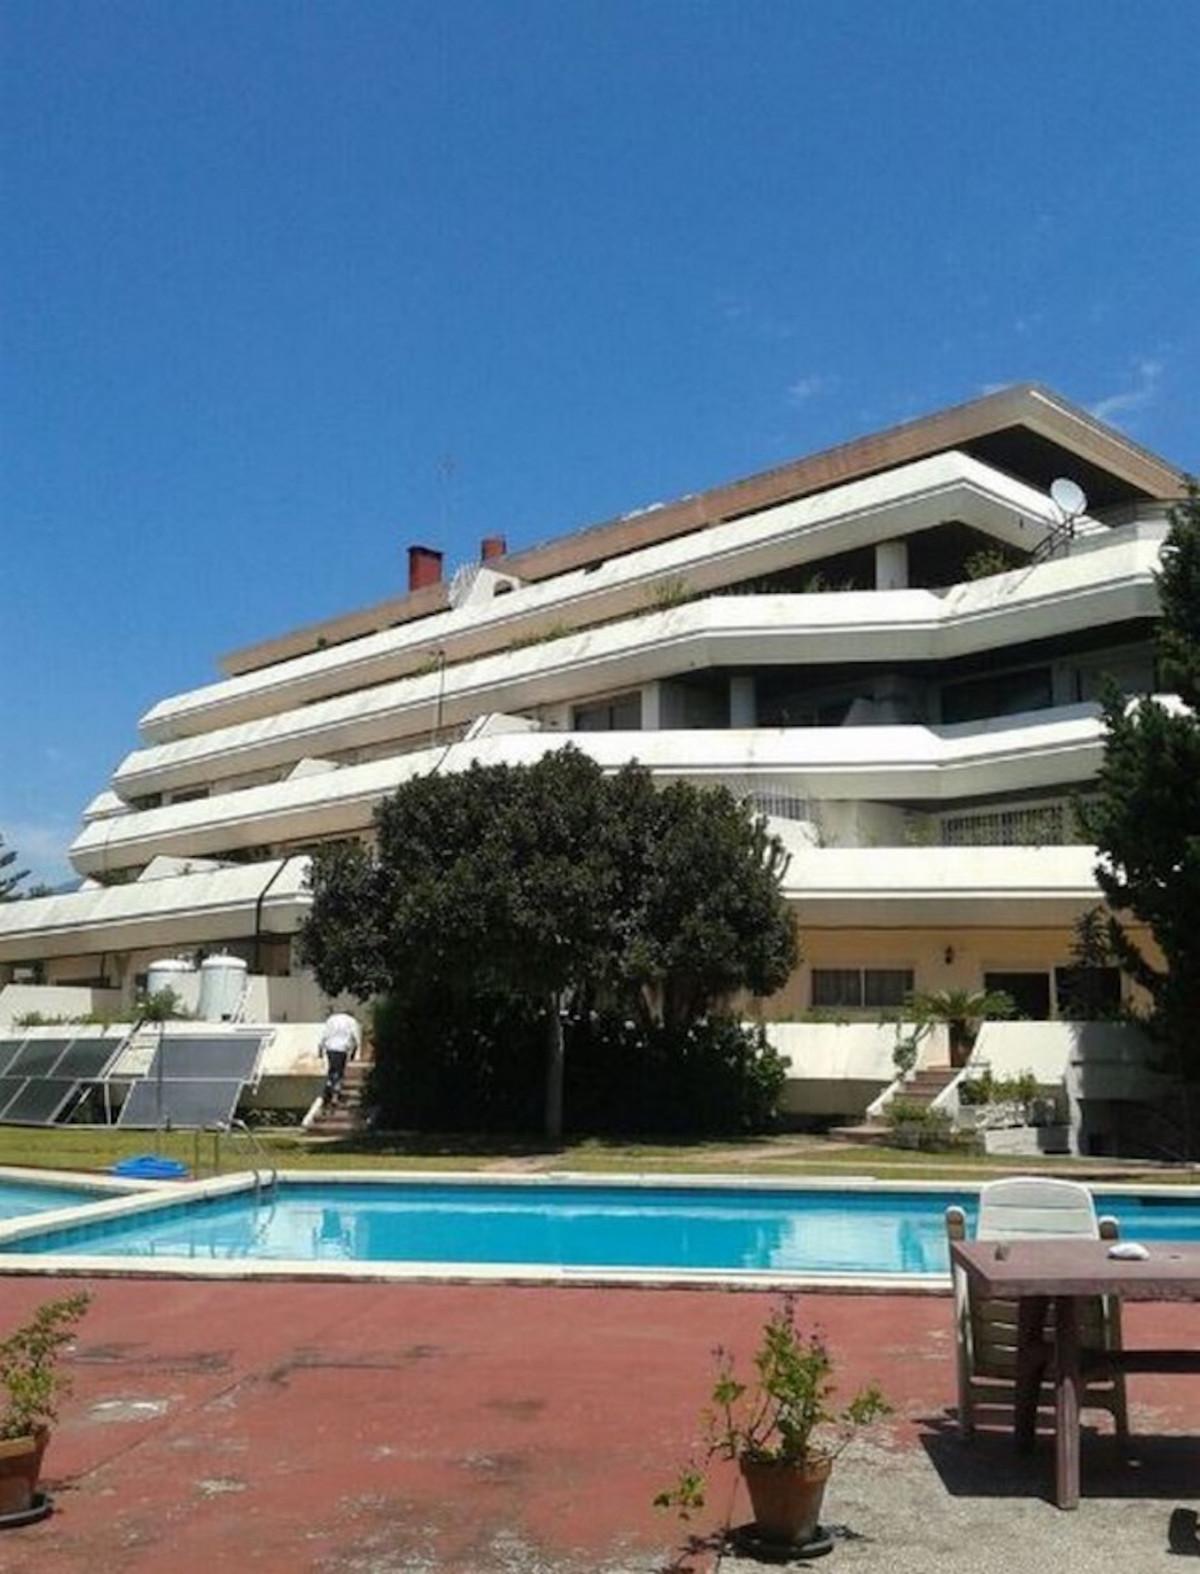 36 dormitorio comercial en venta nueva andalucia